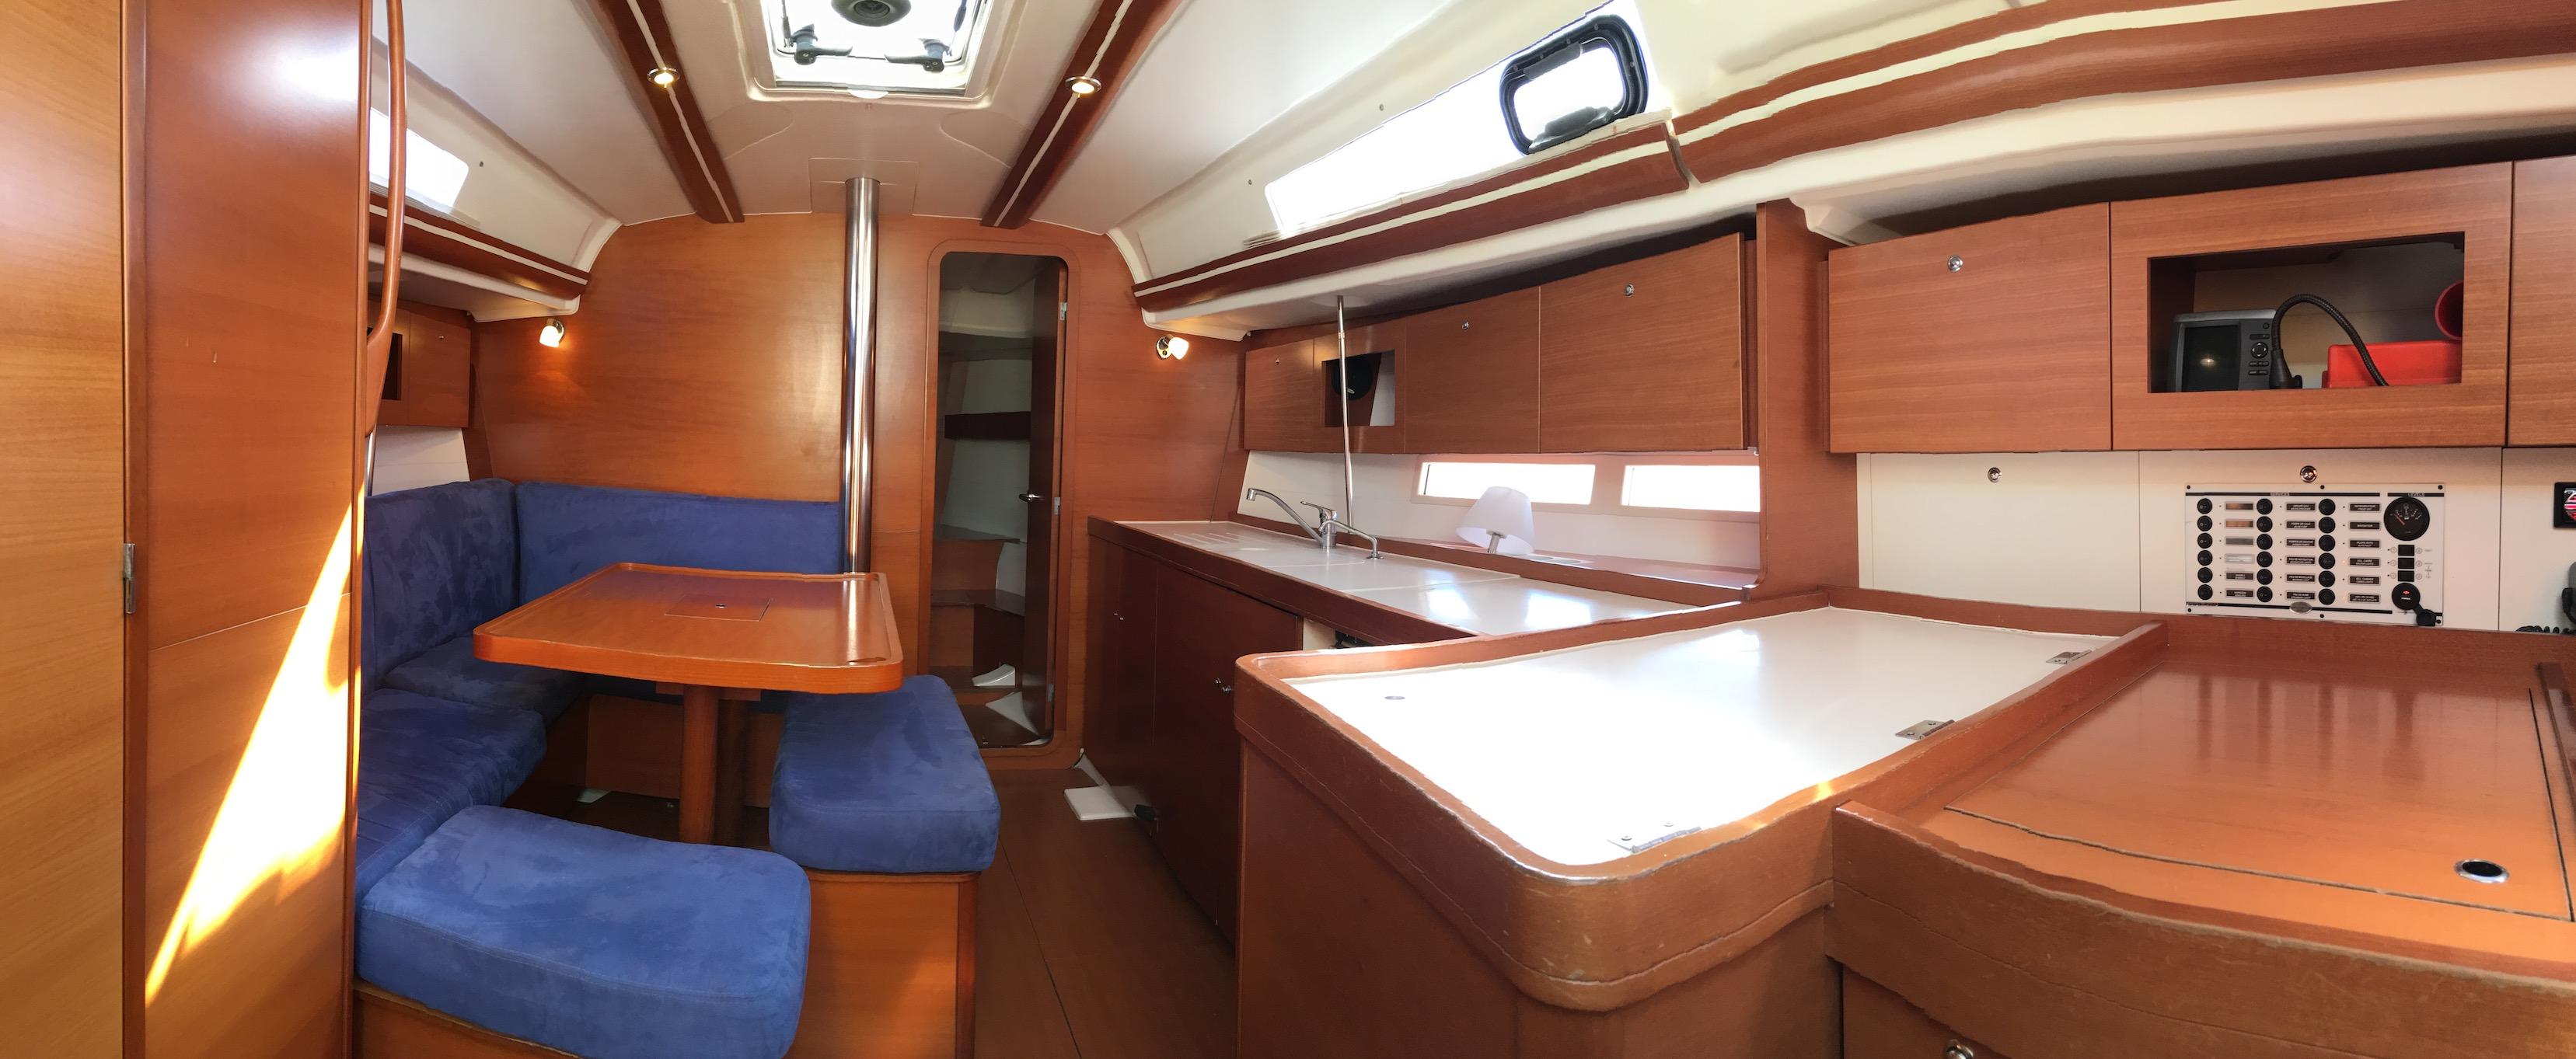 Location-voilier-dufour-375-GL-mediterranee-var-my-sail-croisiere